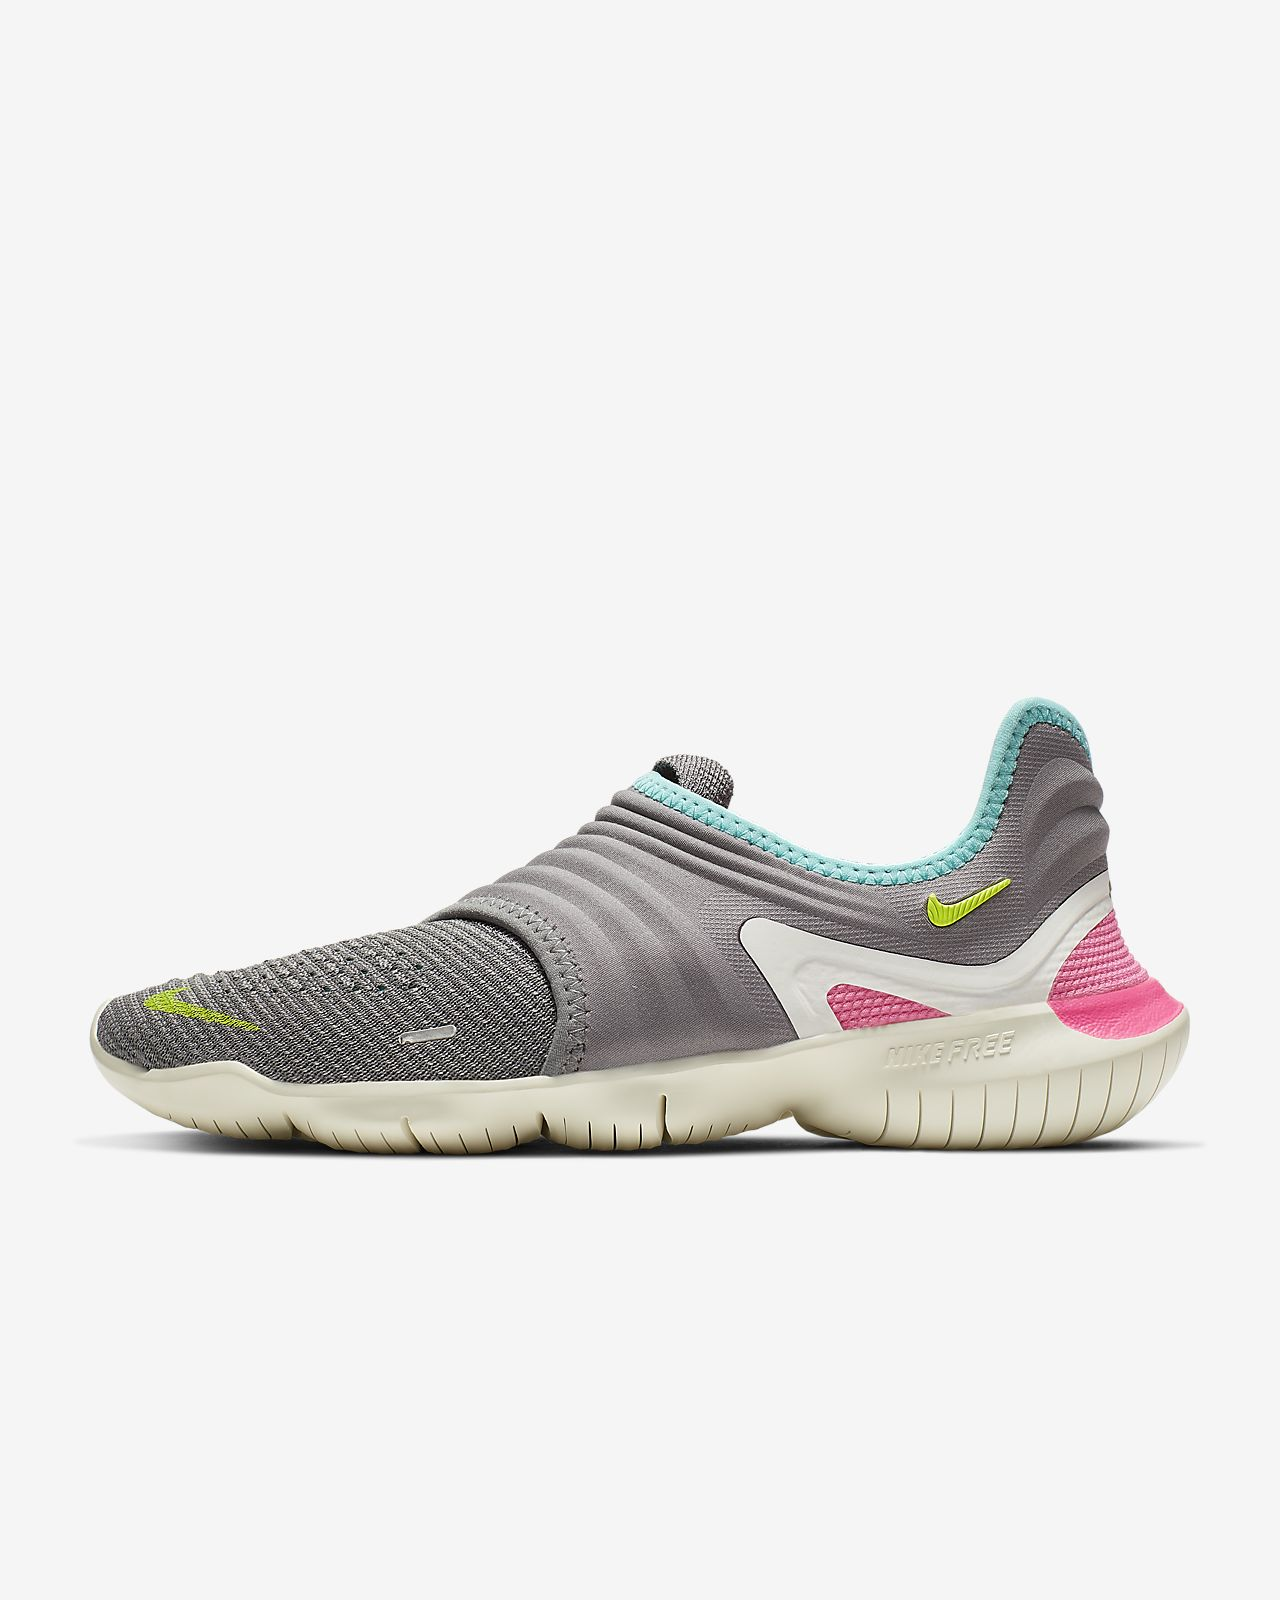 Dámská běžecká bota Nike Free RN Flyknit 3.0